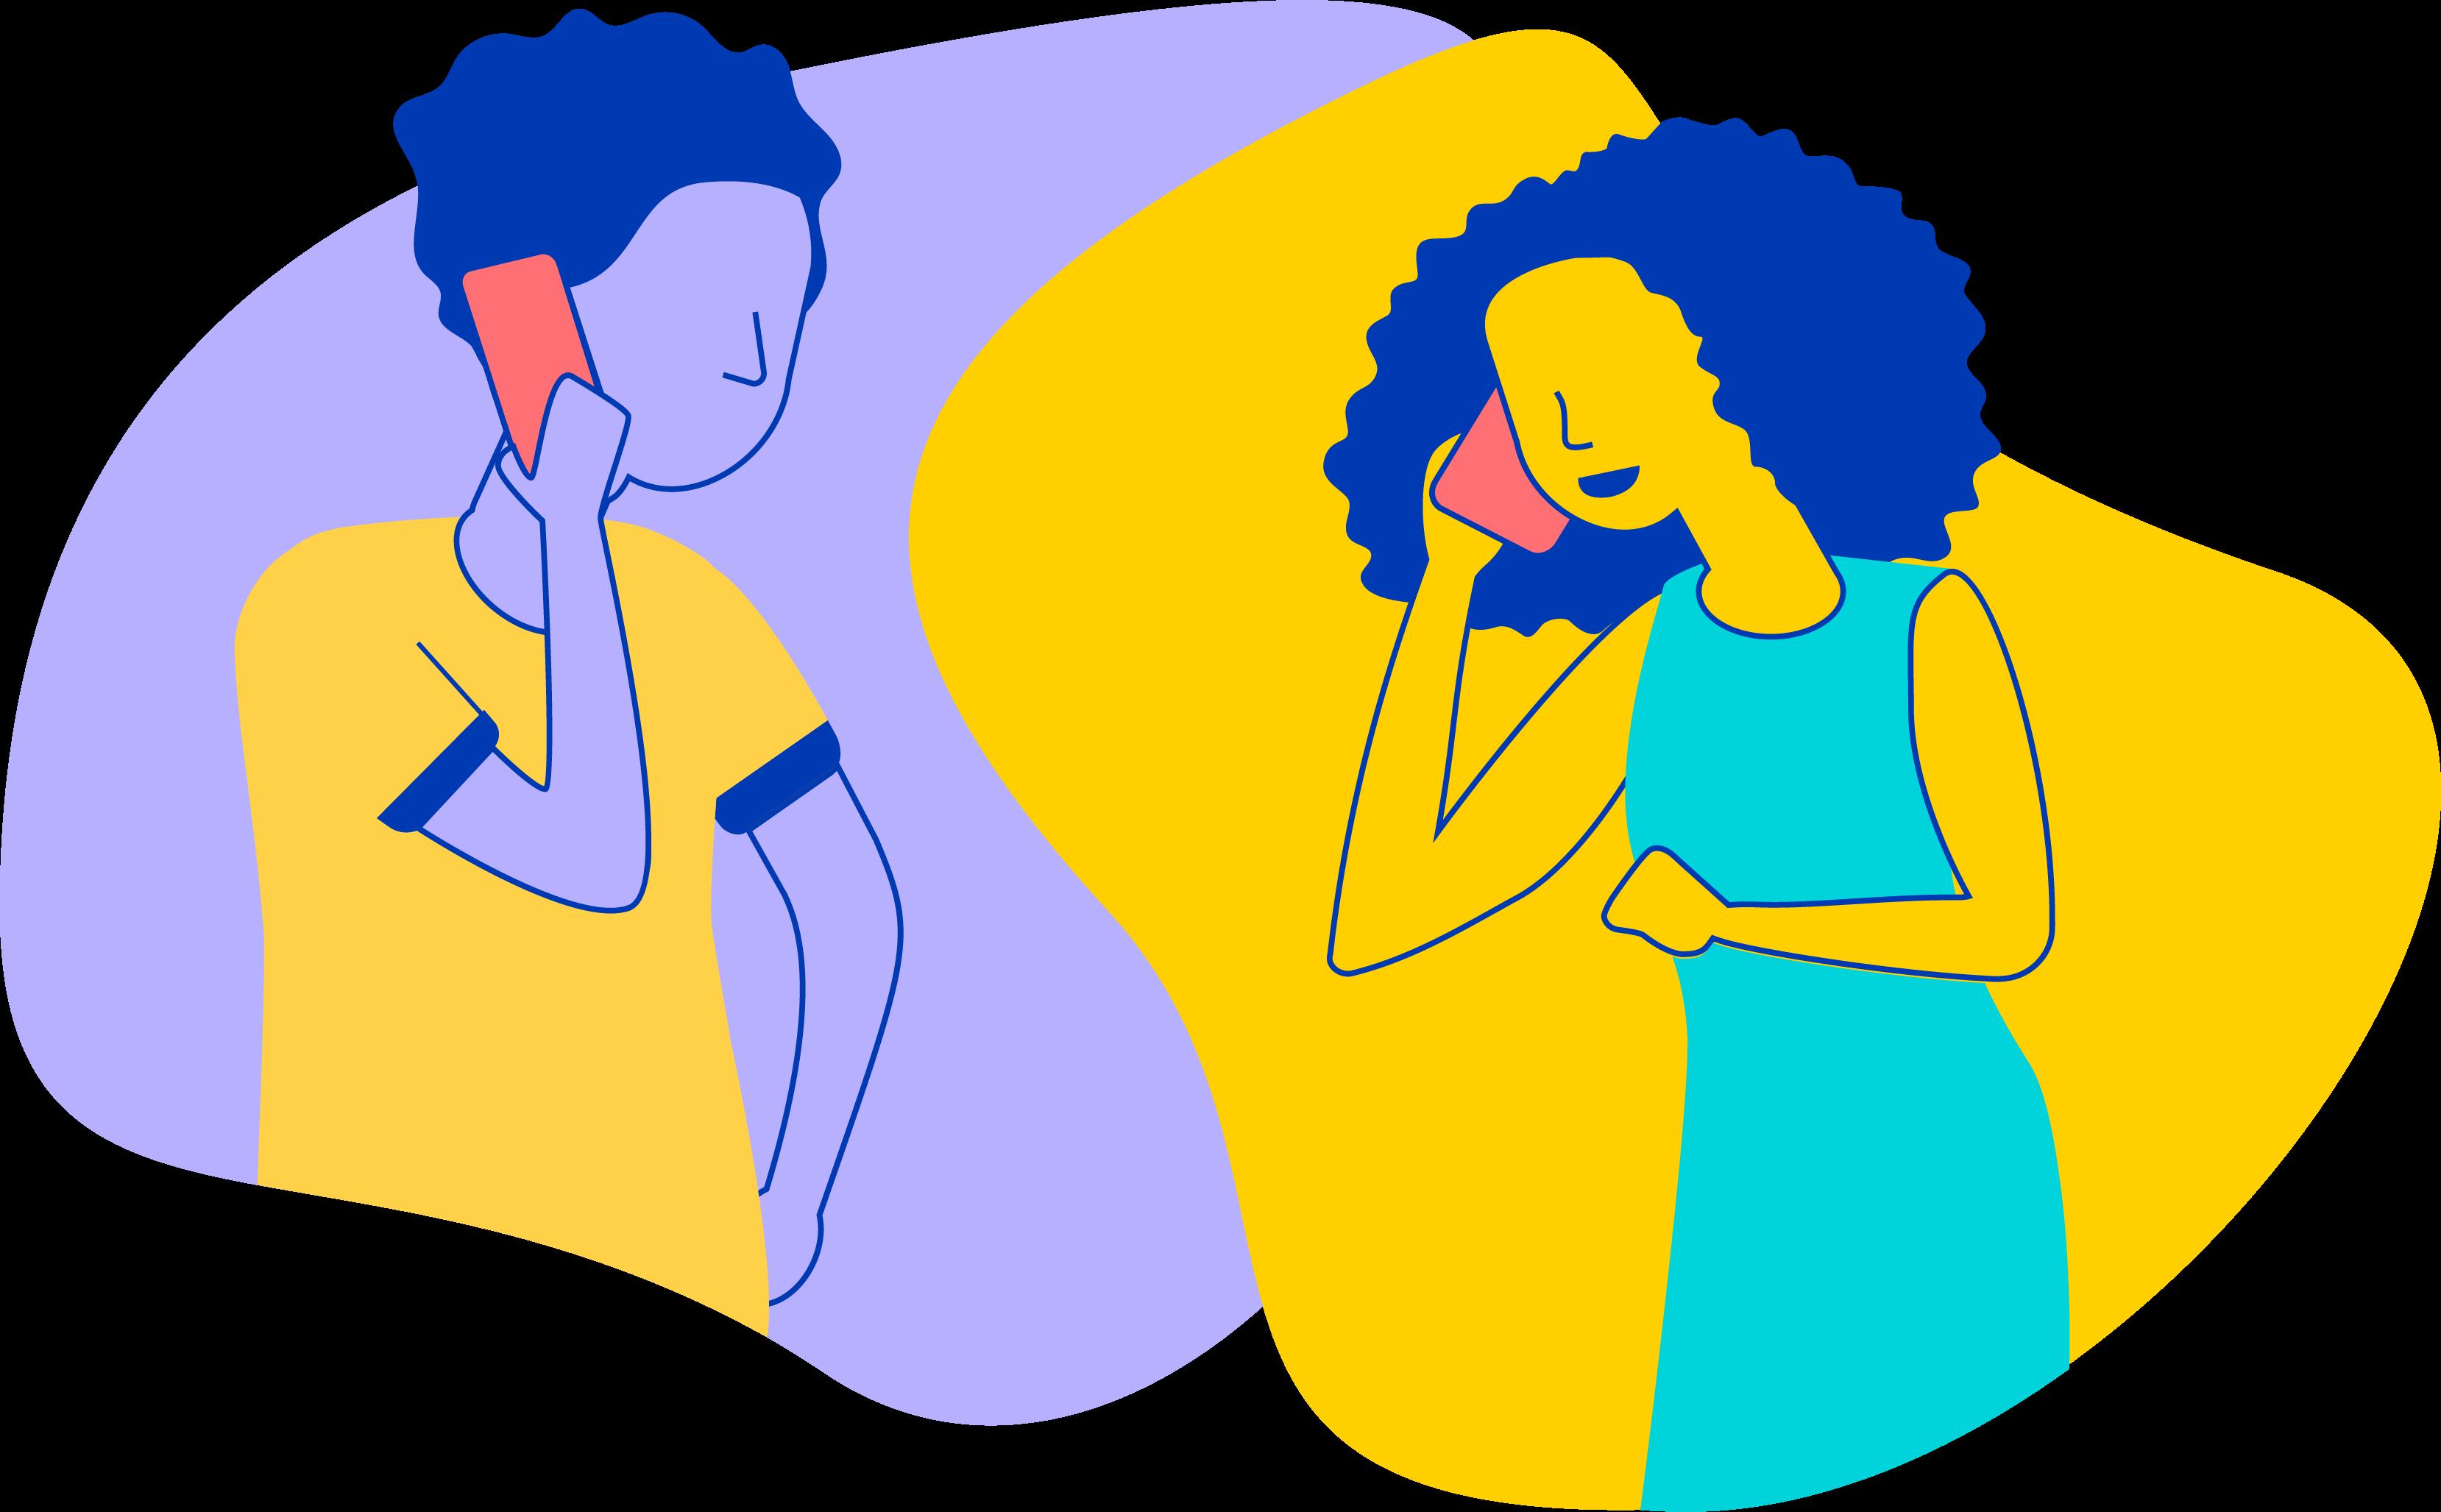 两个人在用手机聊天